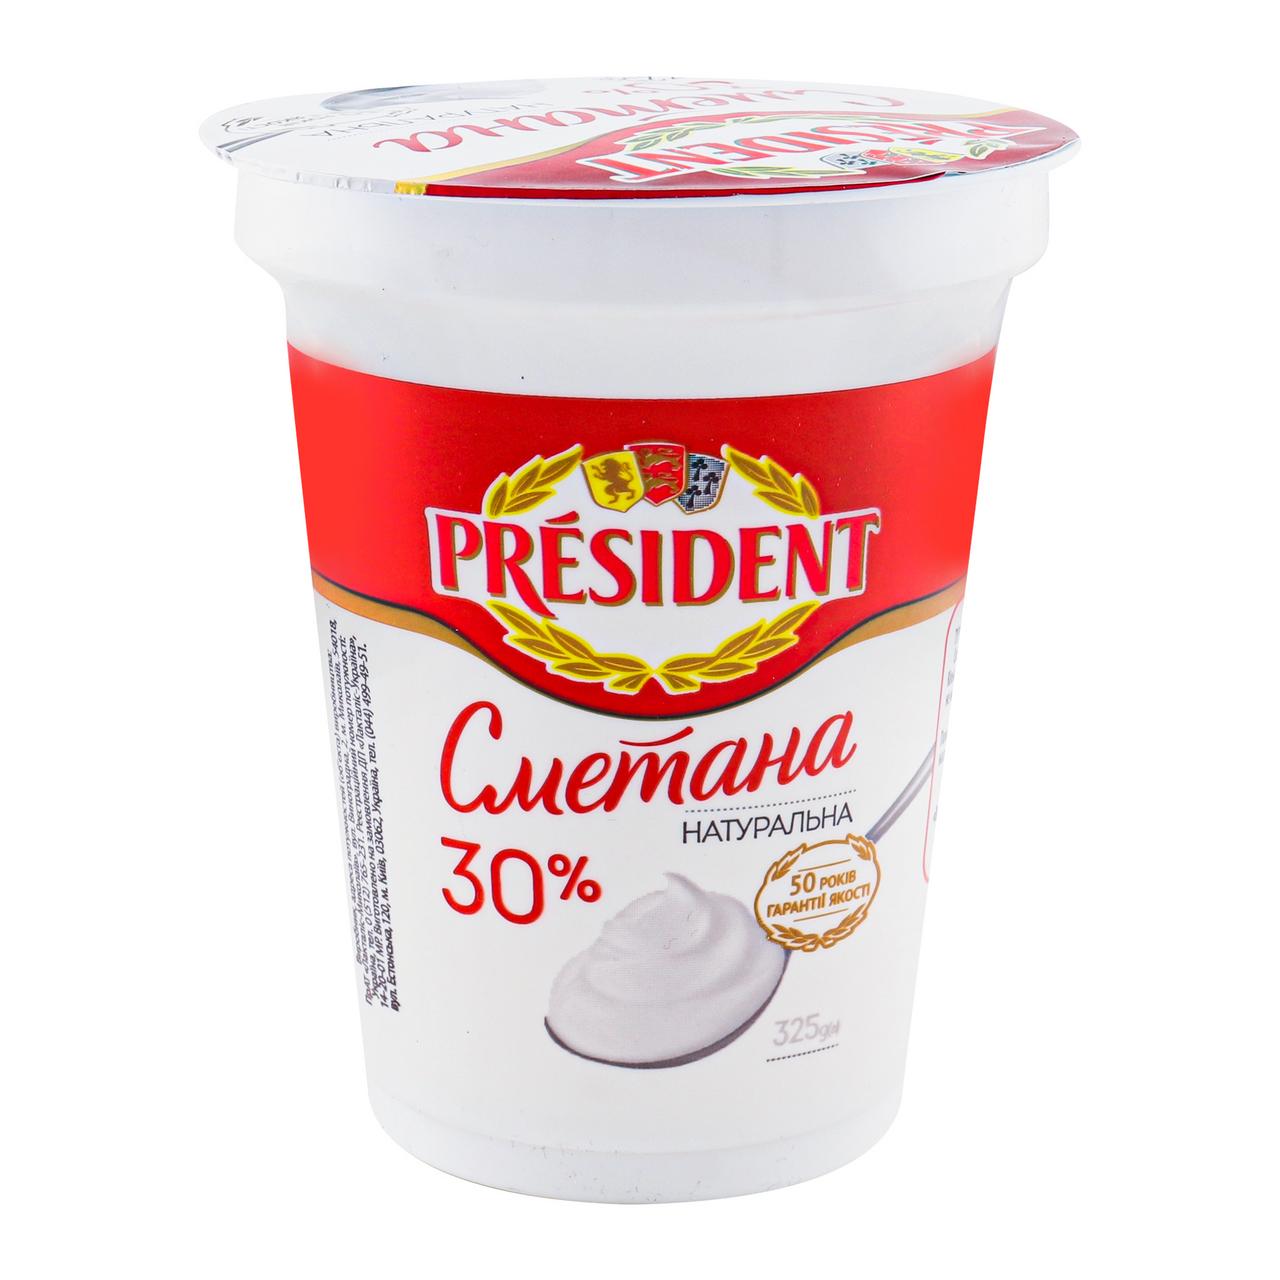 Сметана President 30% 325г